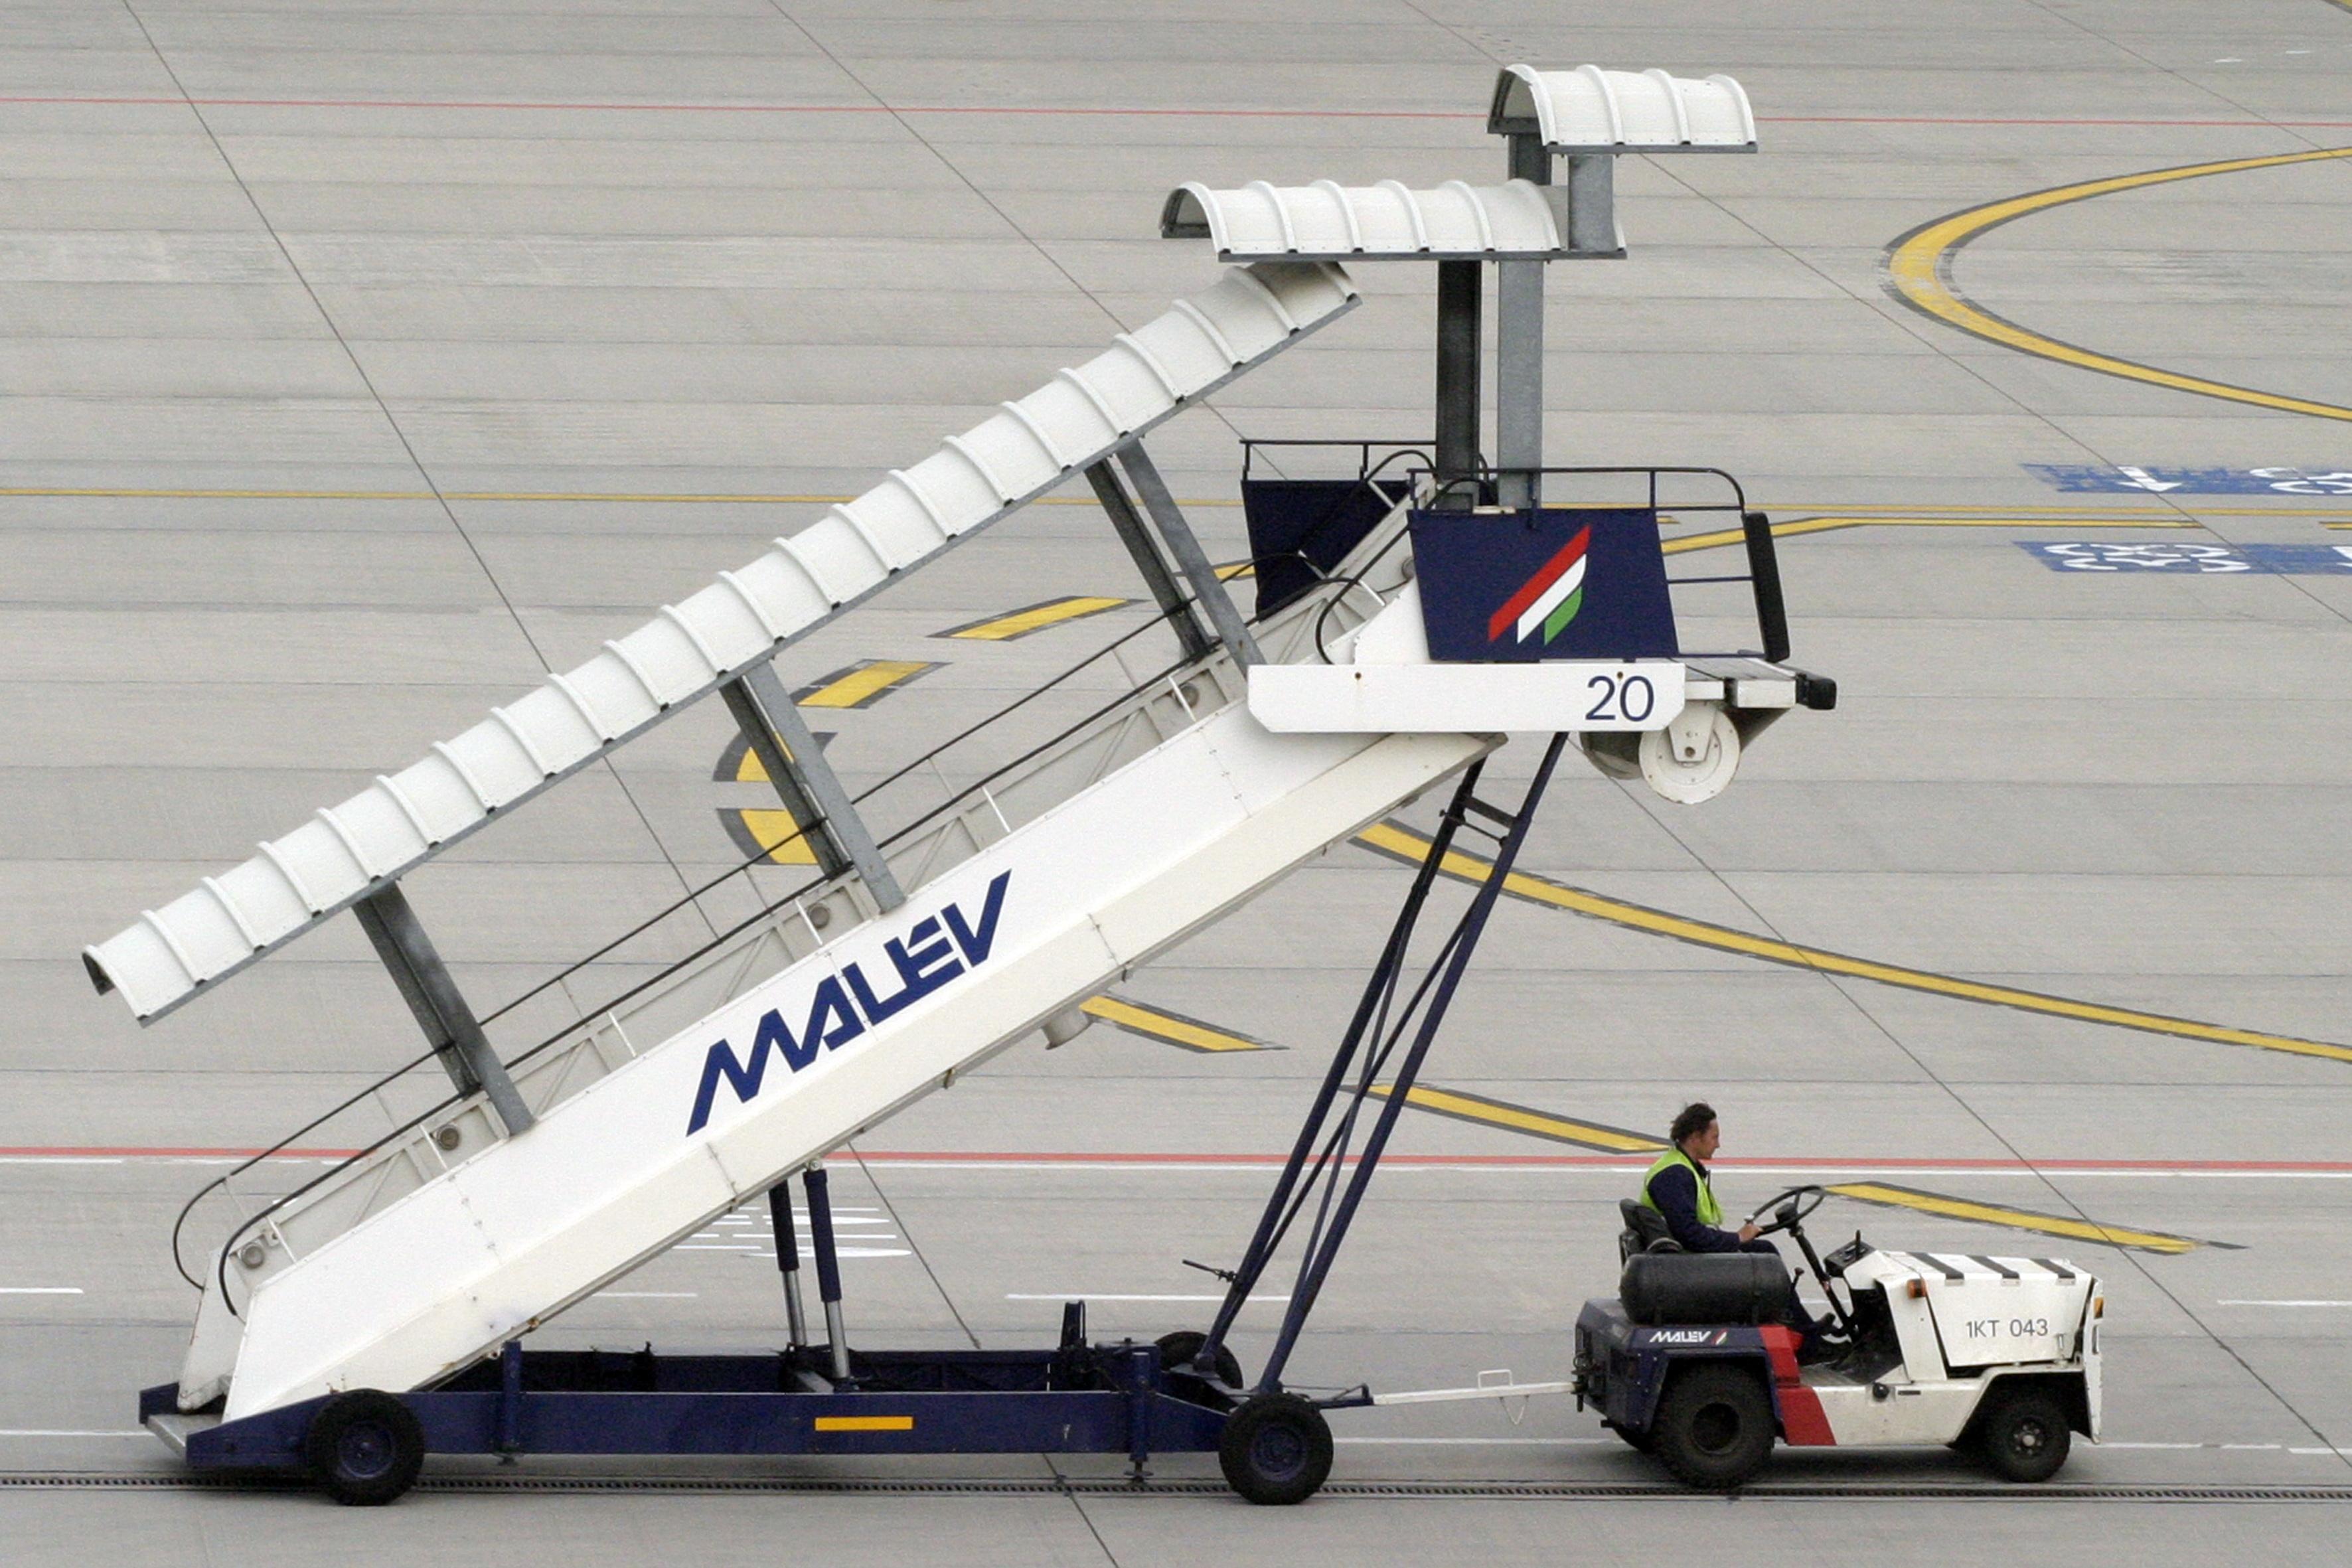 Malev si-a incetat zborurile dupa 66 de ani. Criza si concurenta low cost i-au falimentat pe unguri